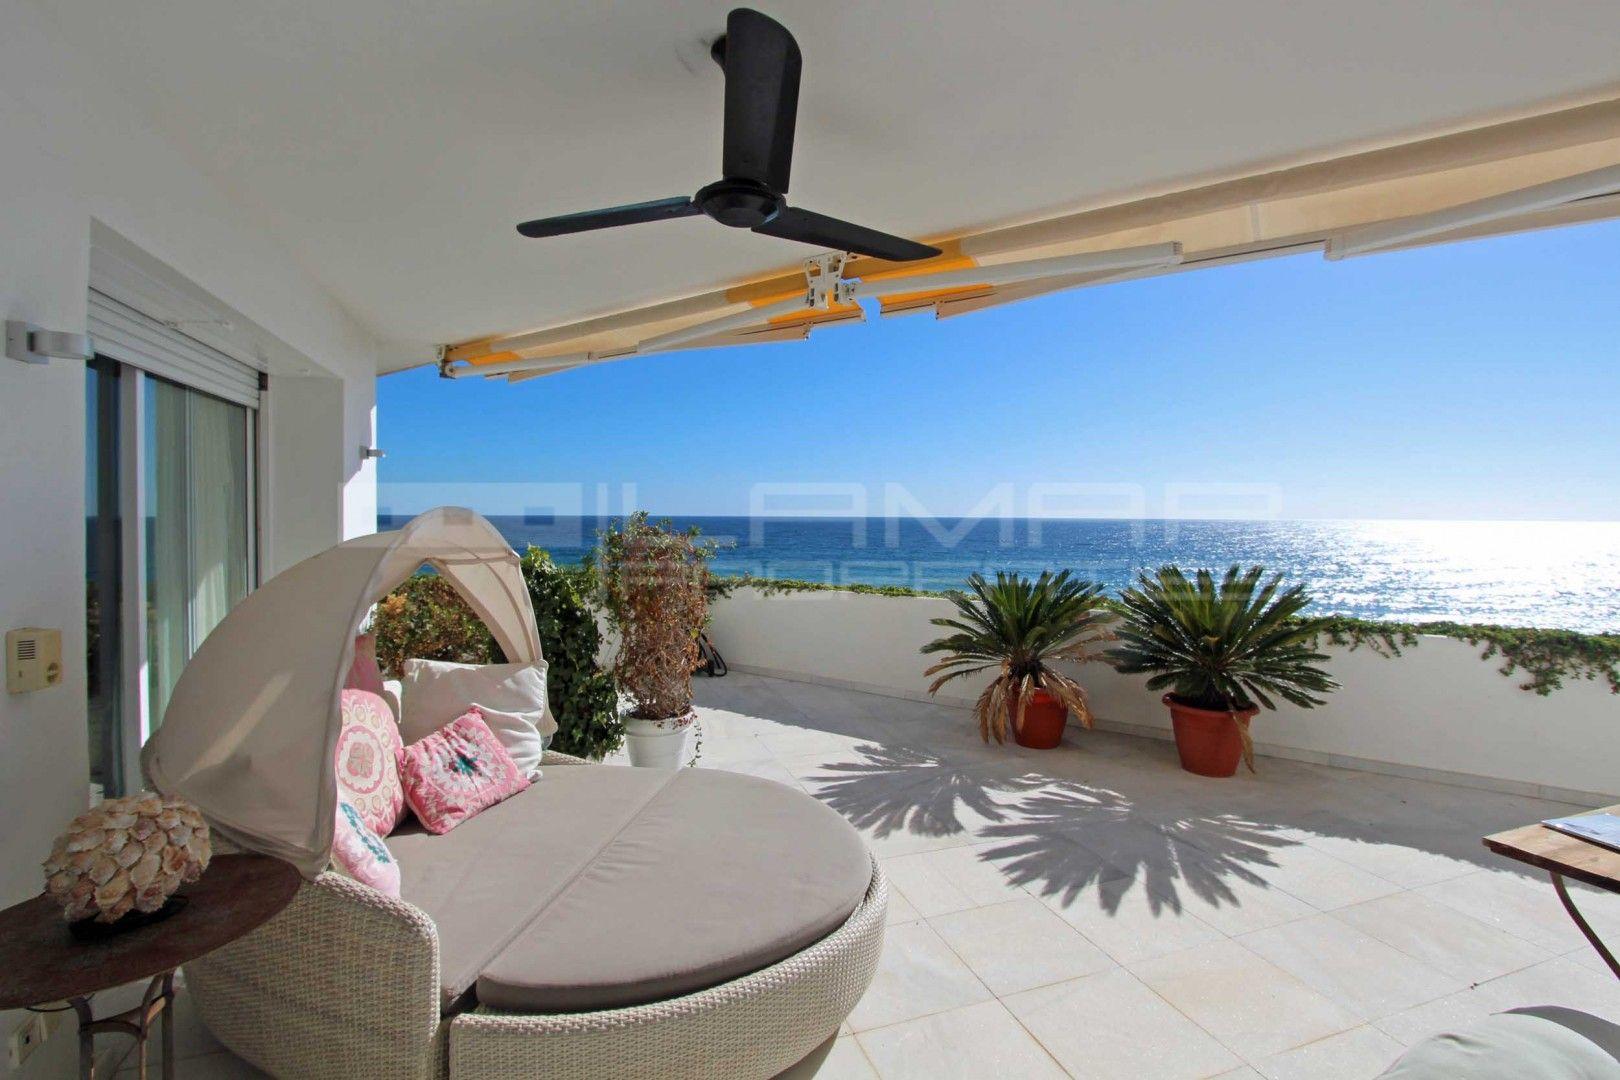 Beachfront duplex apartment in Guadalmina Baja - Marbella